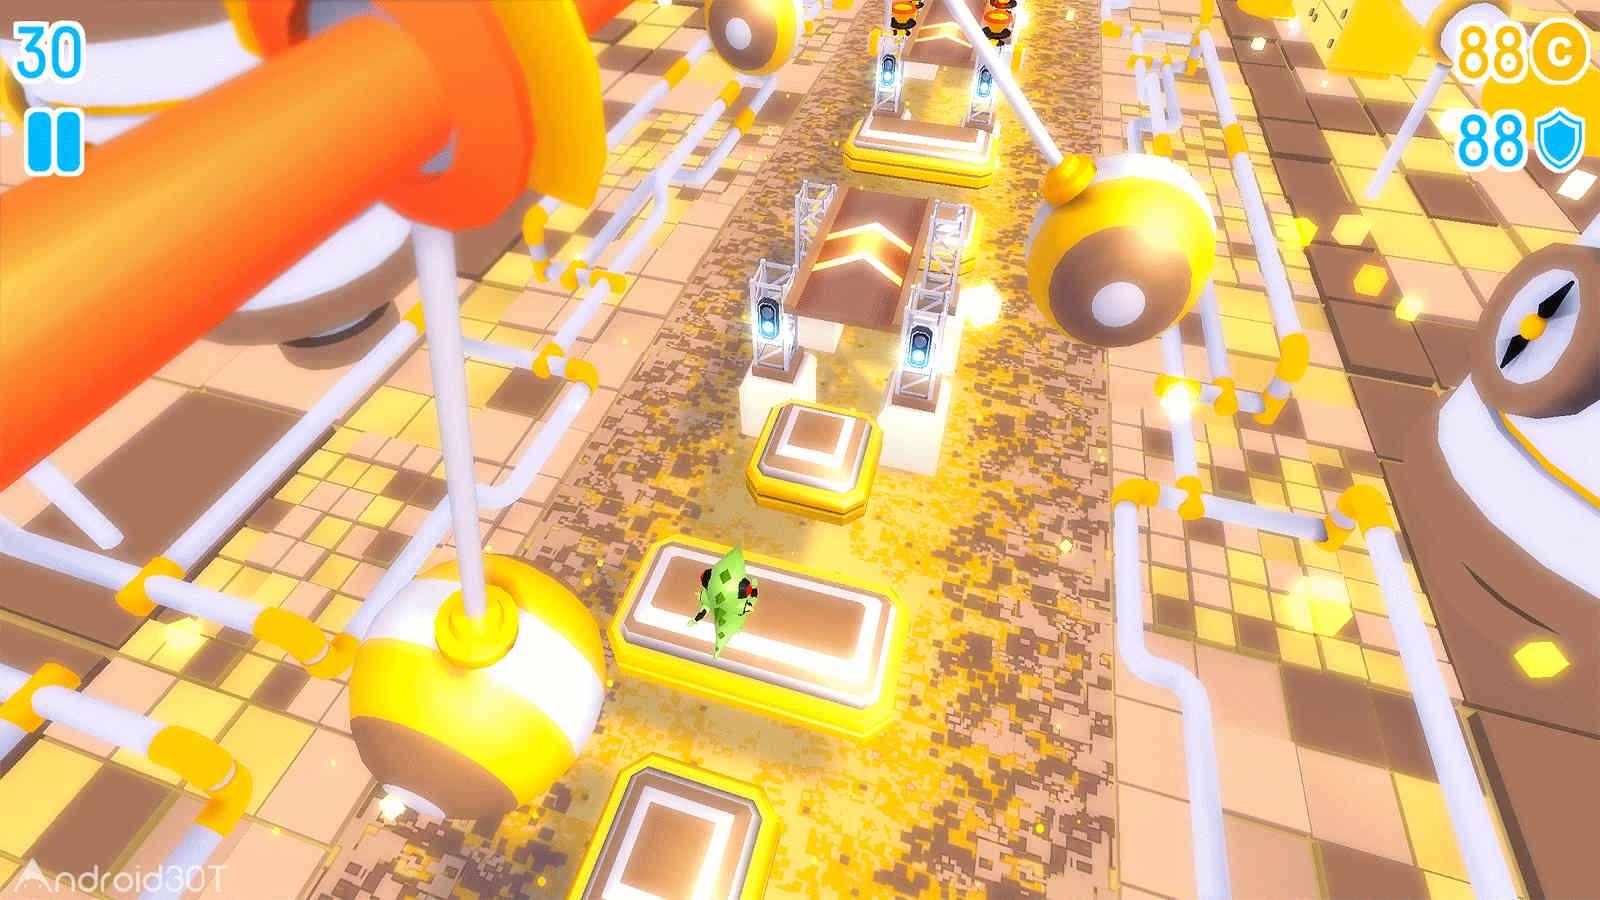 دانلود Oopstacles 20.0 – بازی سرگرم کننده و مهیج اندروید